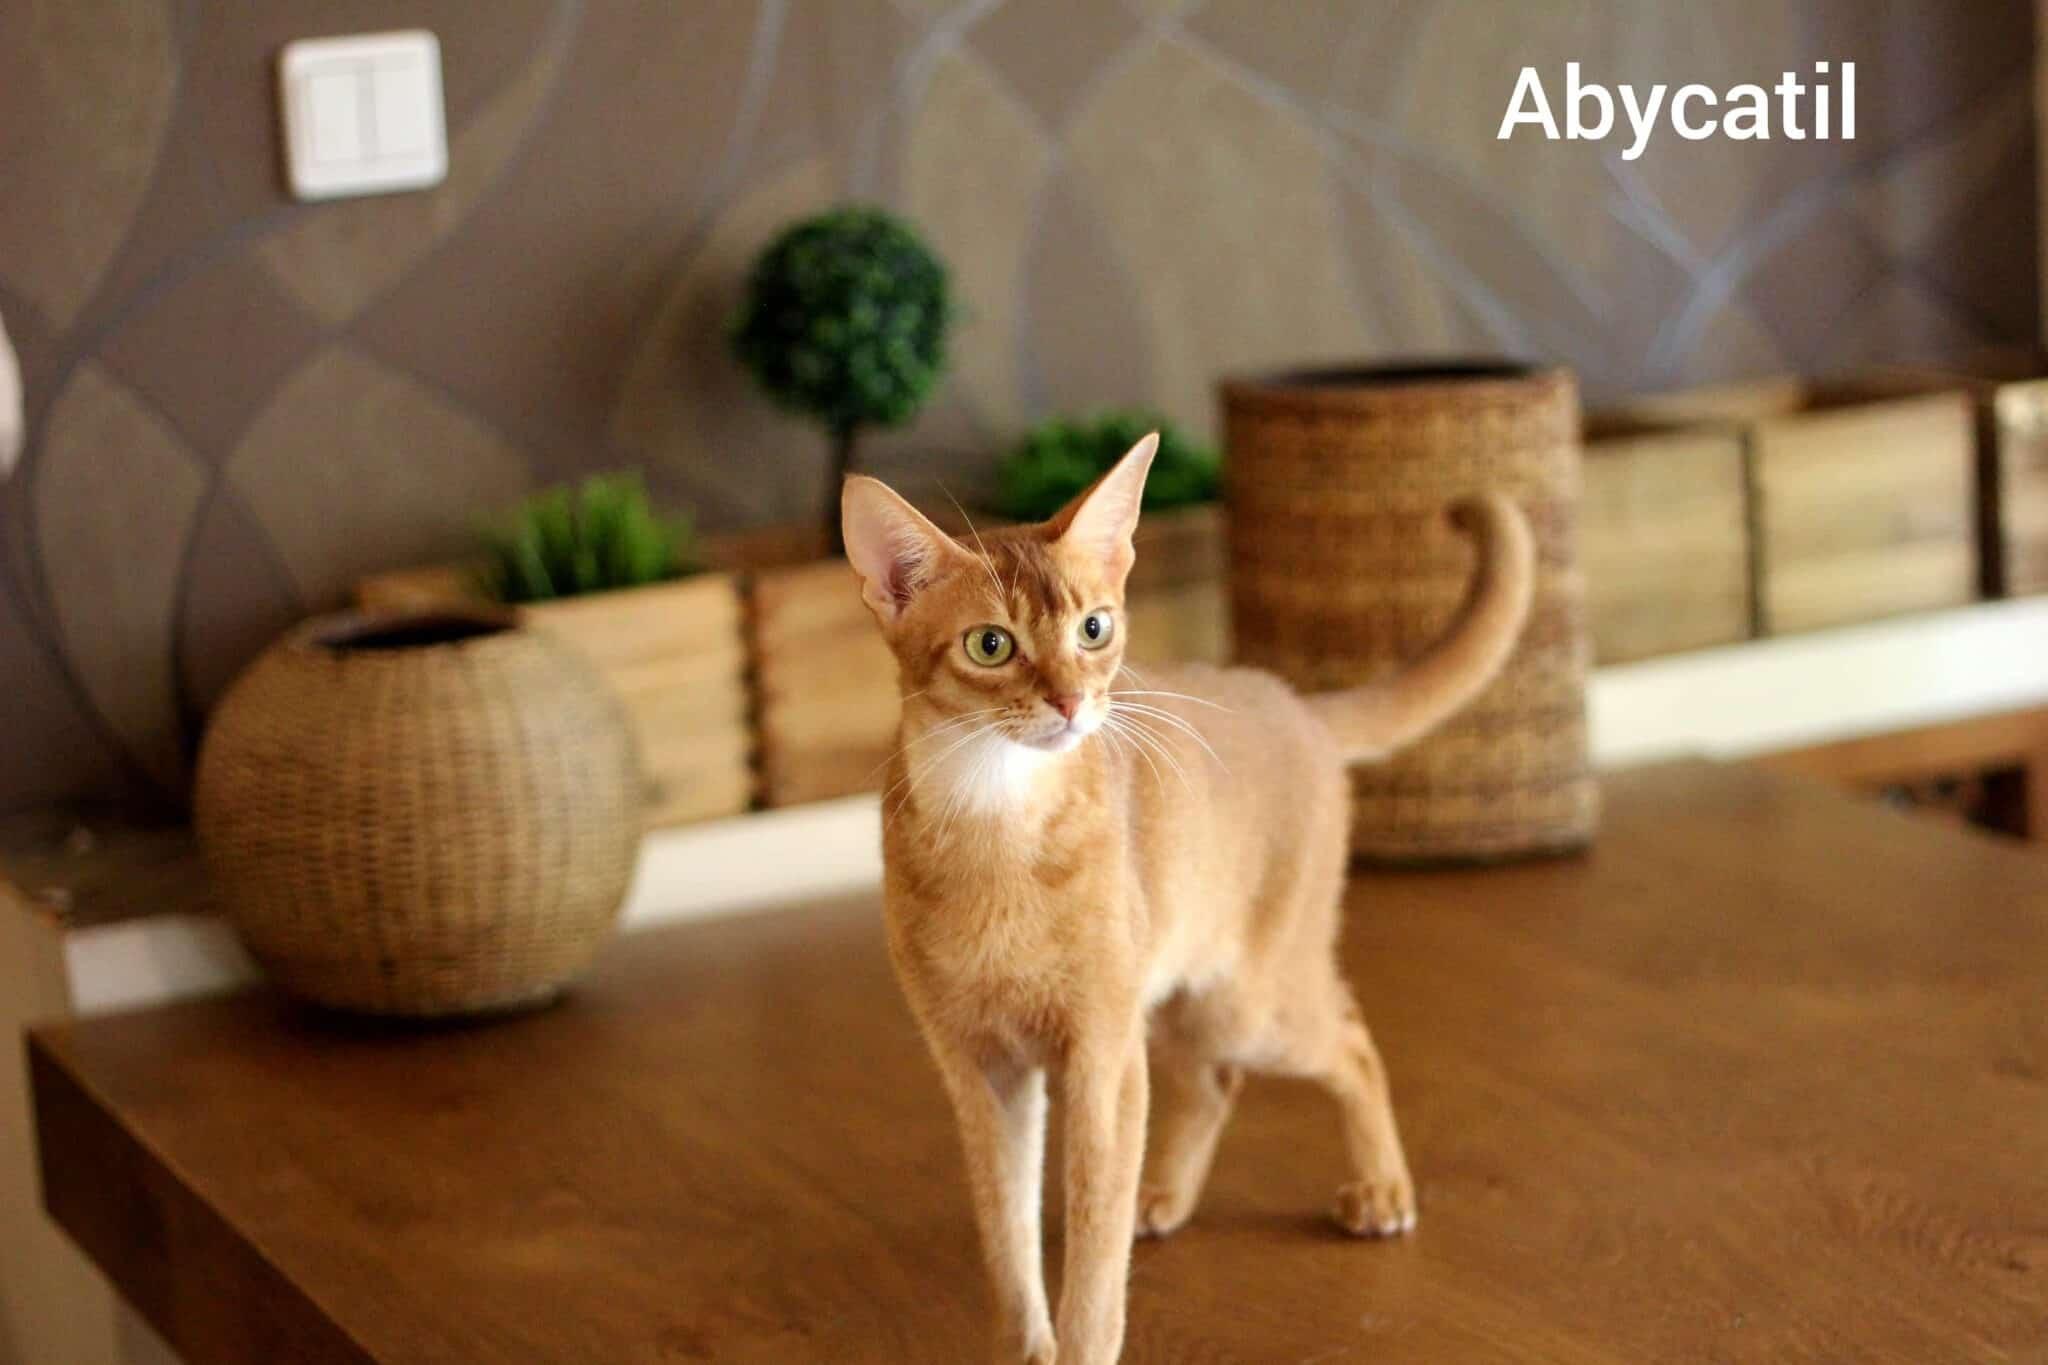 בית גידול לחתולי אביסיני – Abycatil